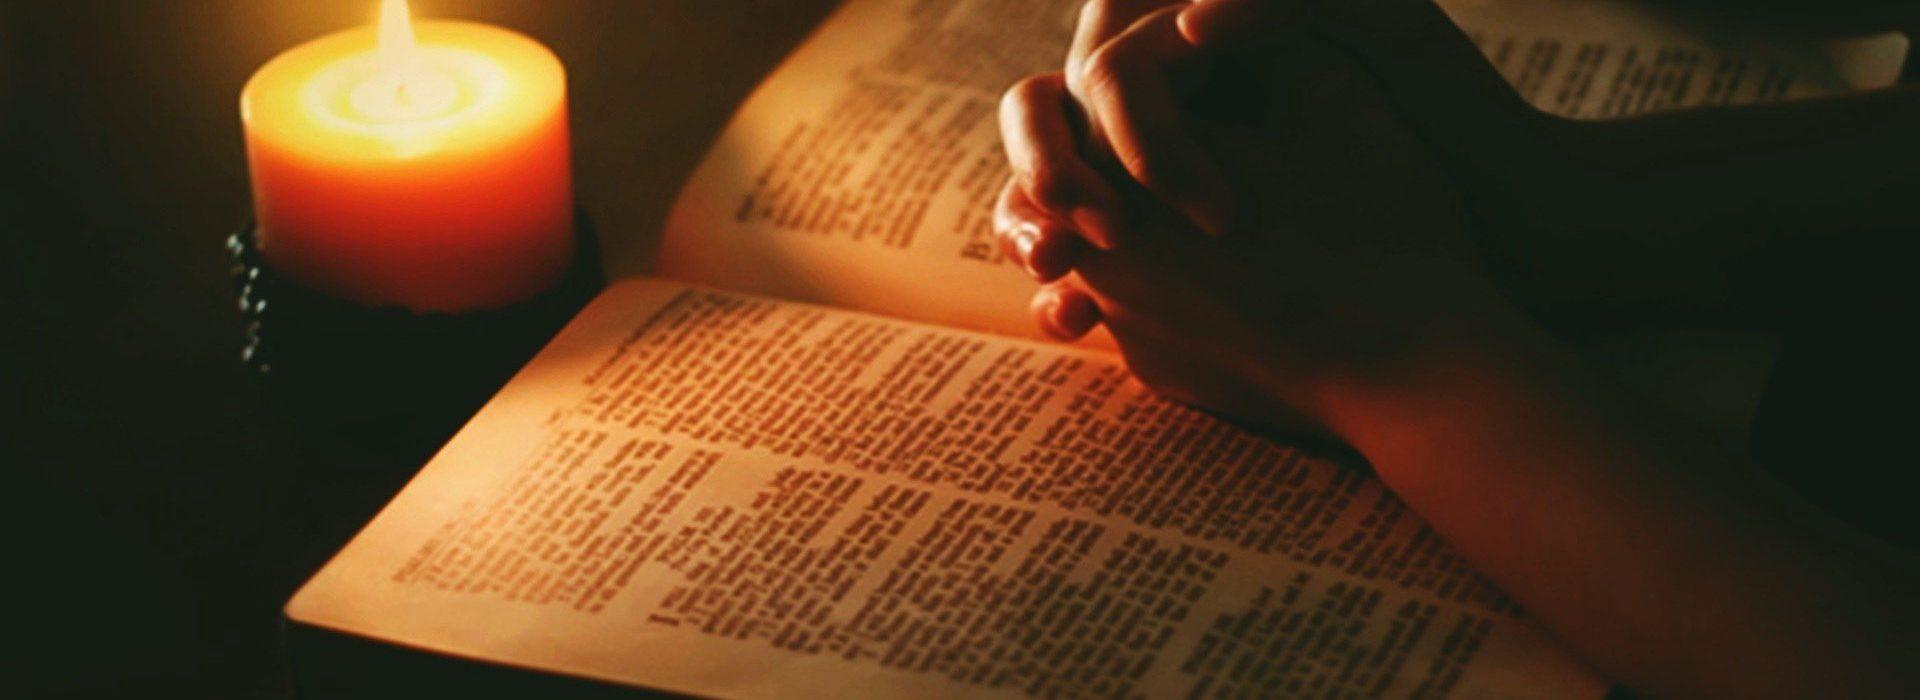 Now I pray to God that ye do no evil